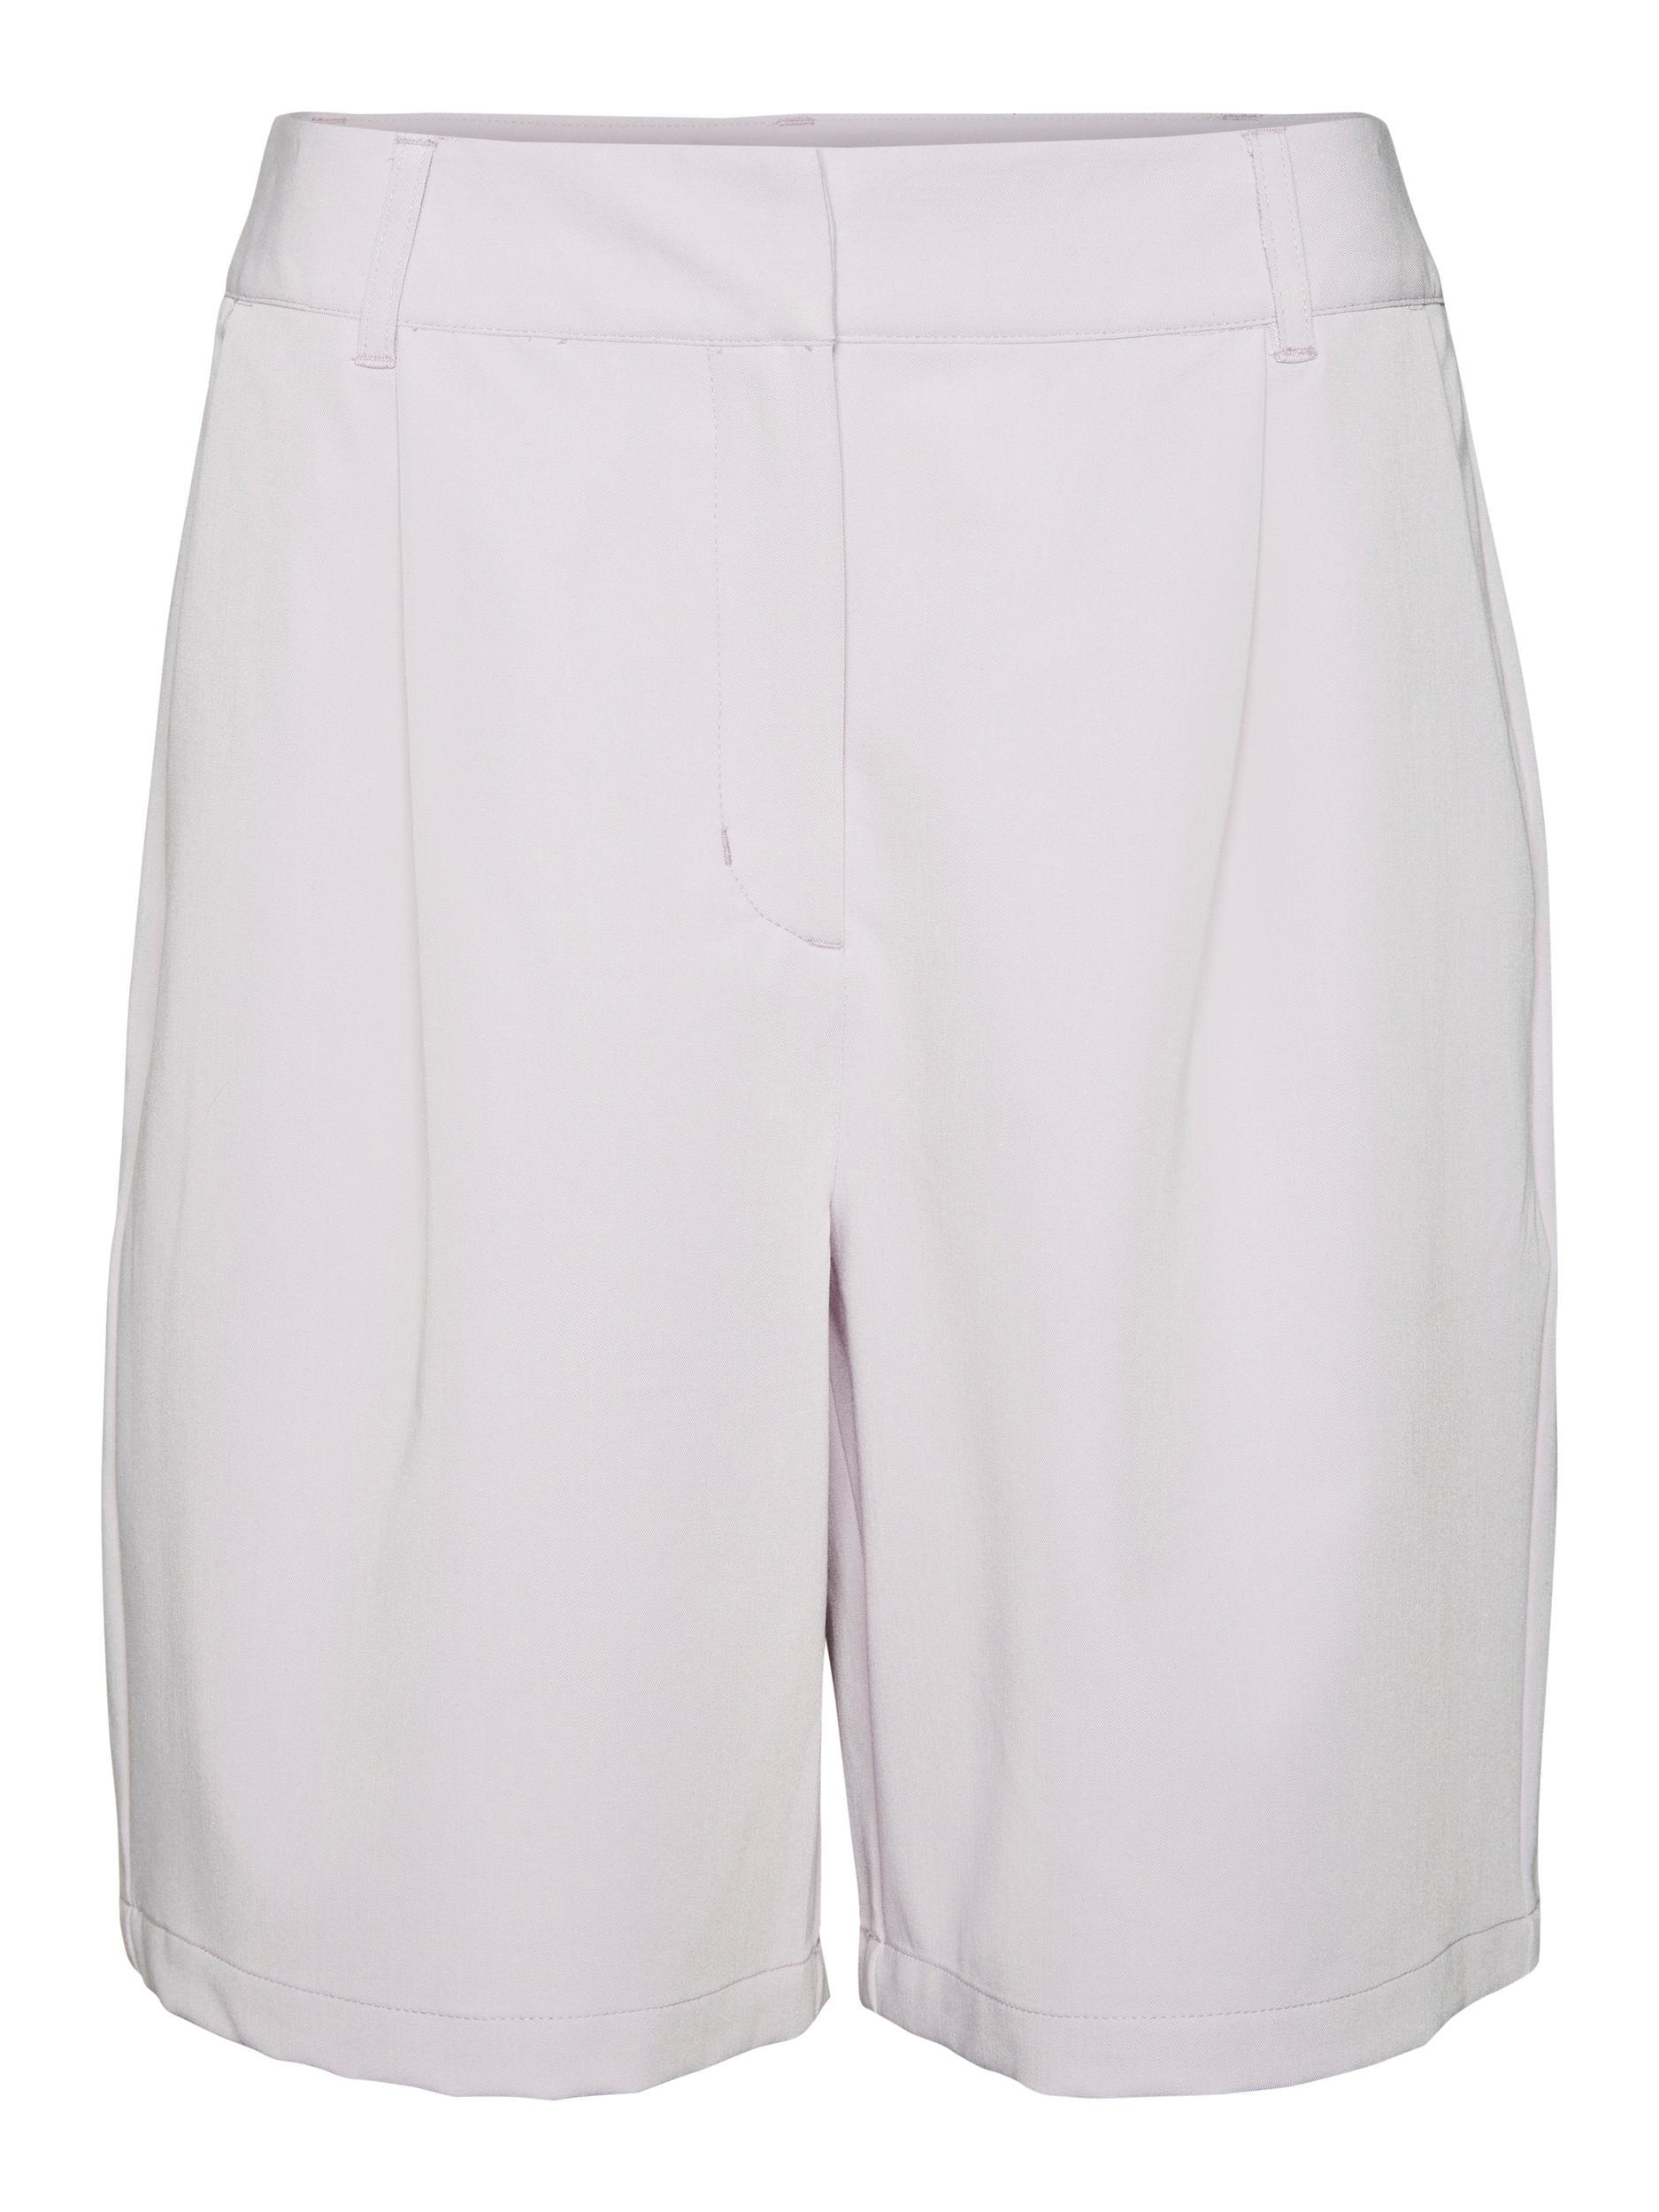 Vero Moda Zelda shorts, iris, 34